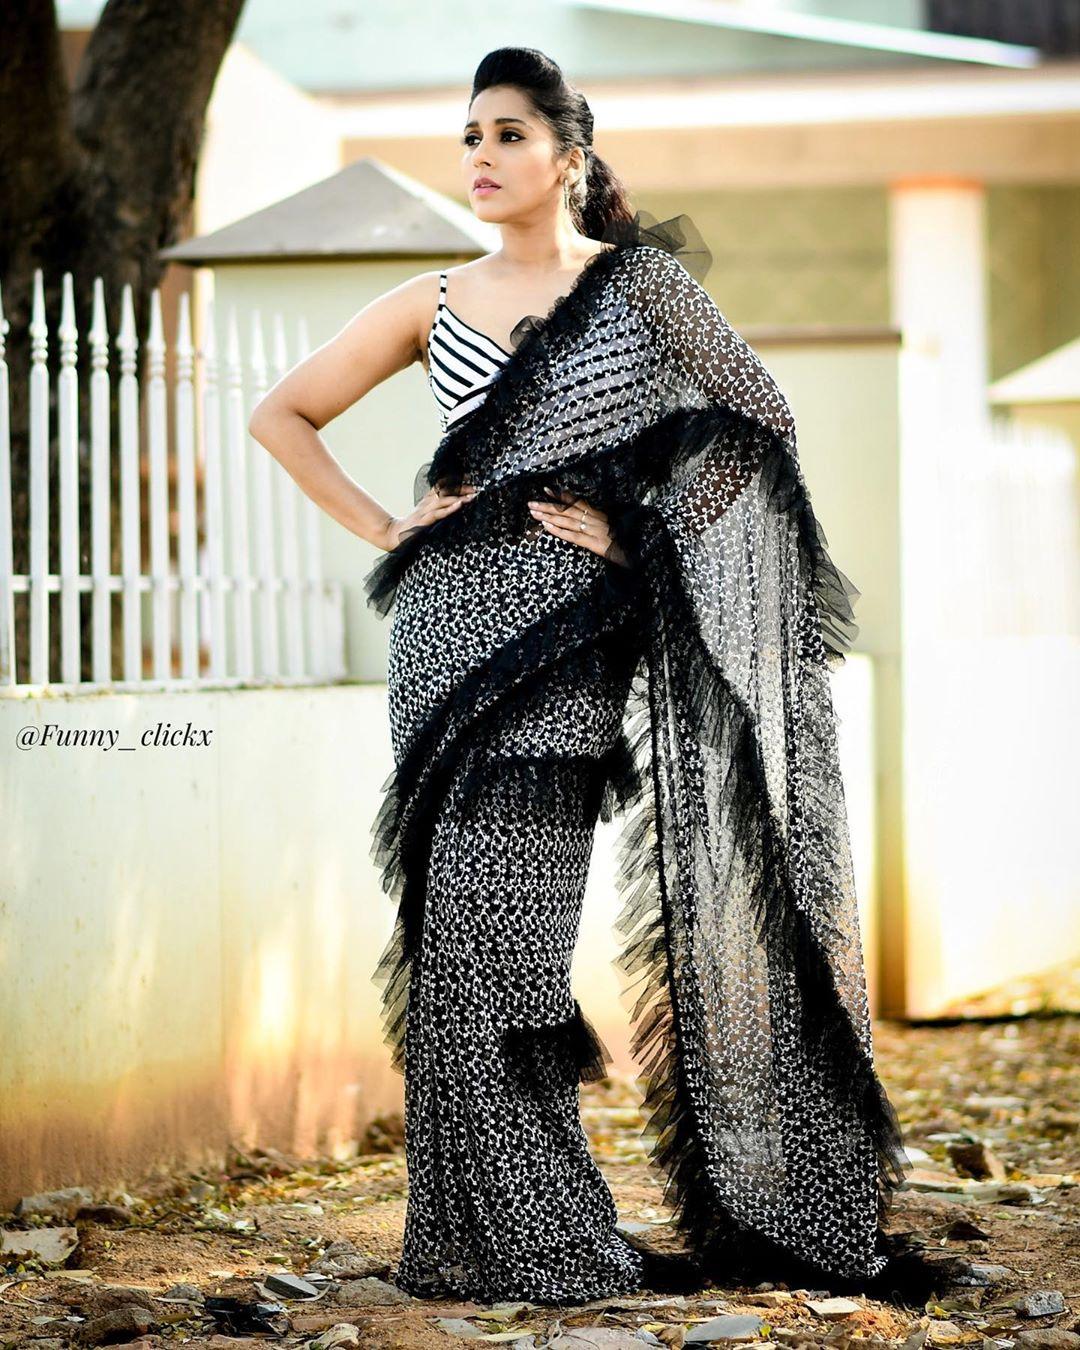 రష్మీ గౌతమ్ ఫోటోస్ Photo:Instagram.com/rashmigautam